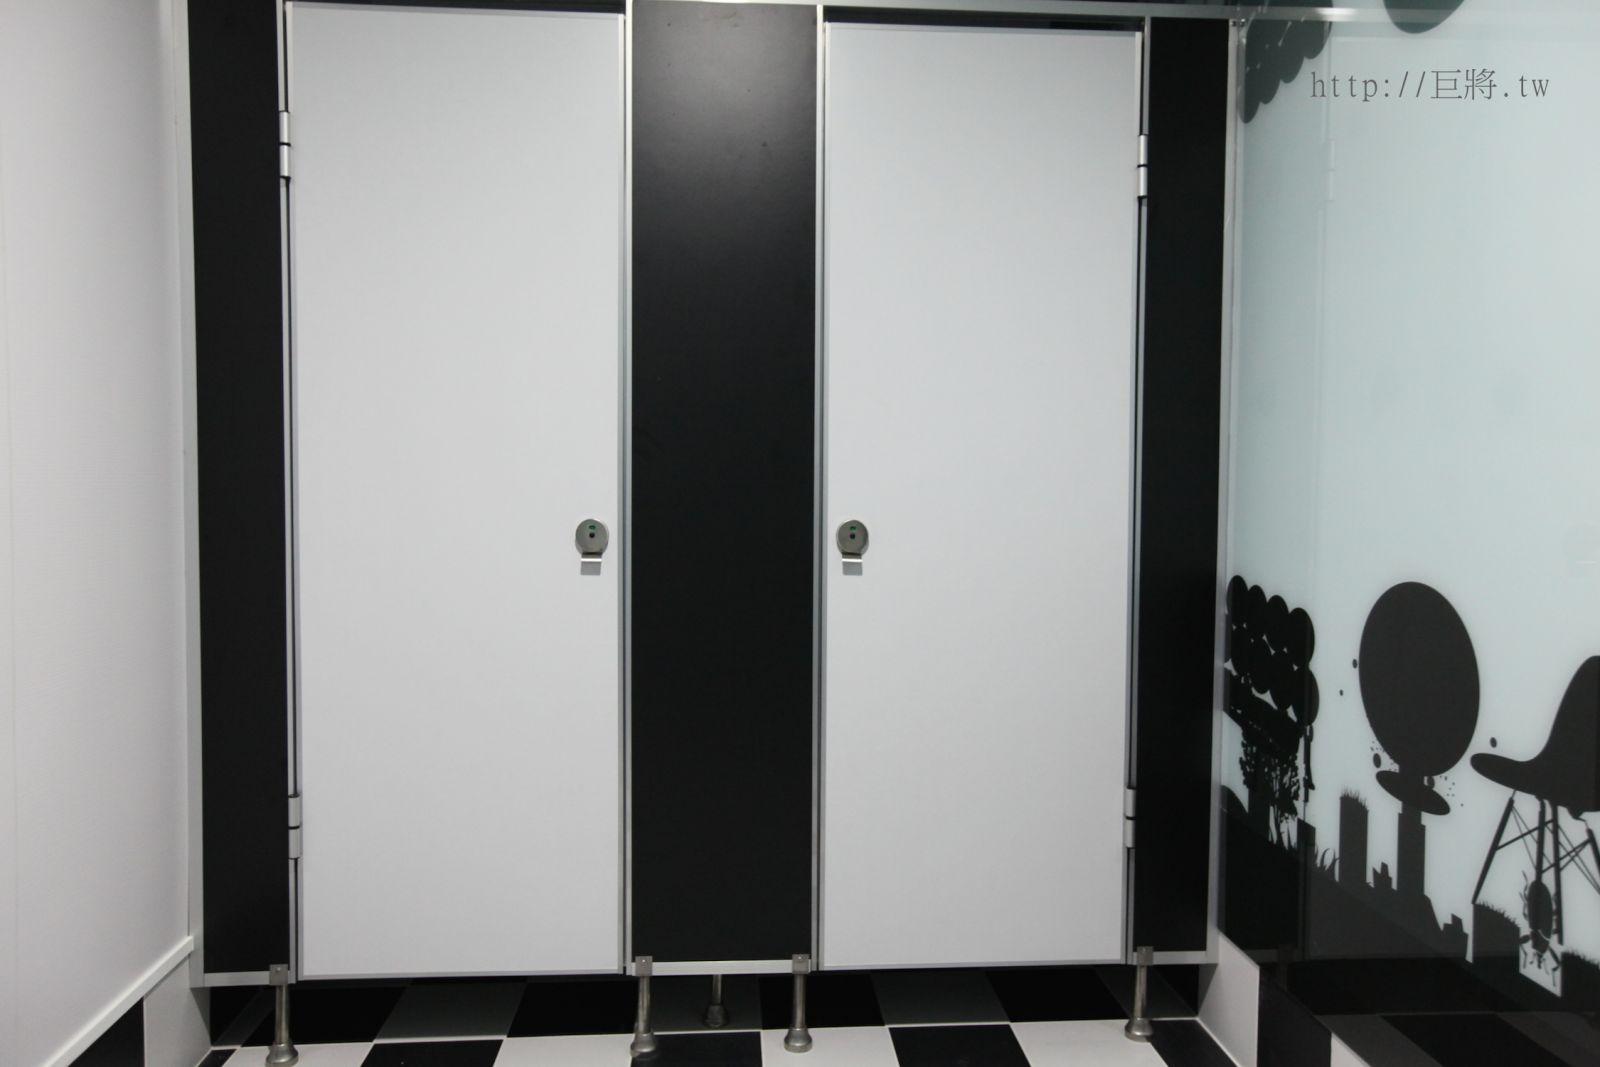 廁所搗擺隔間